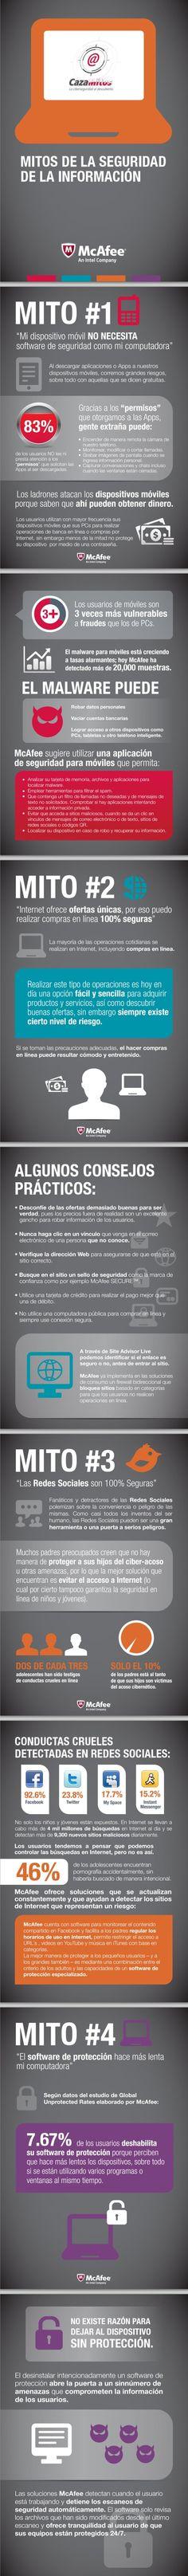 Mitos de la seguridad de la información! #InternetSeguro #infografia